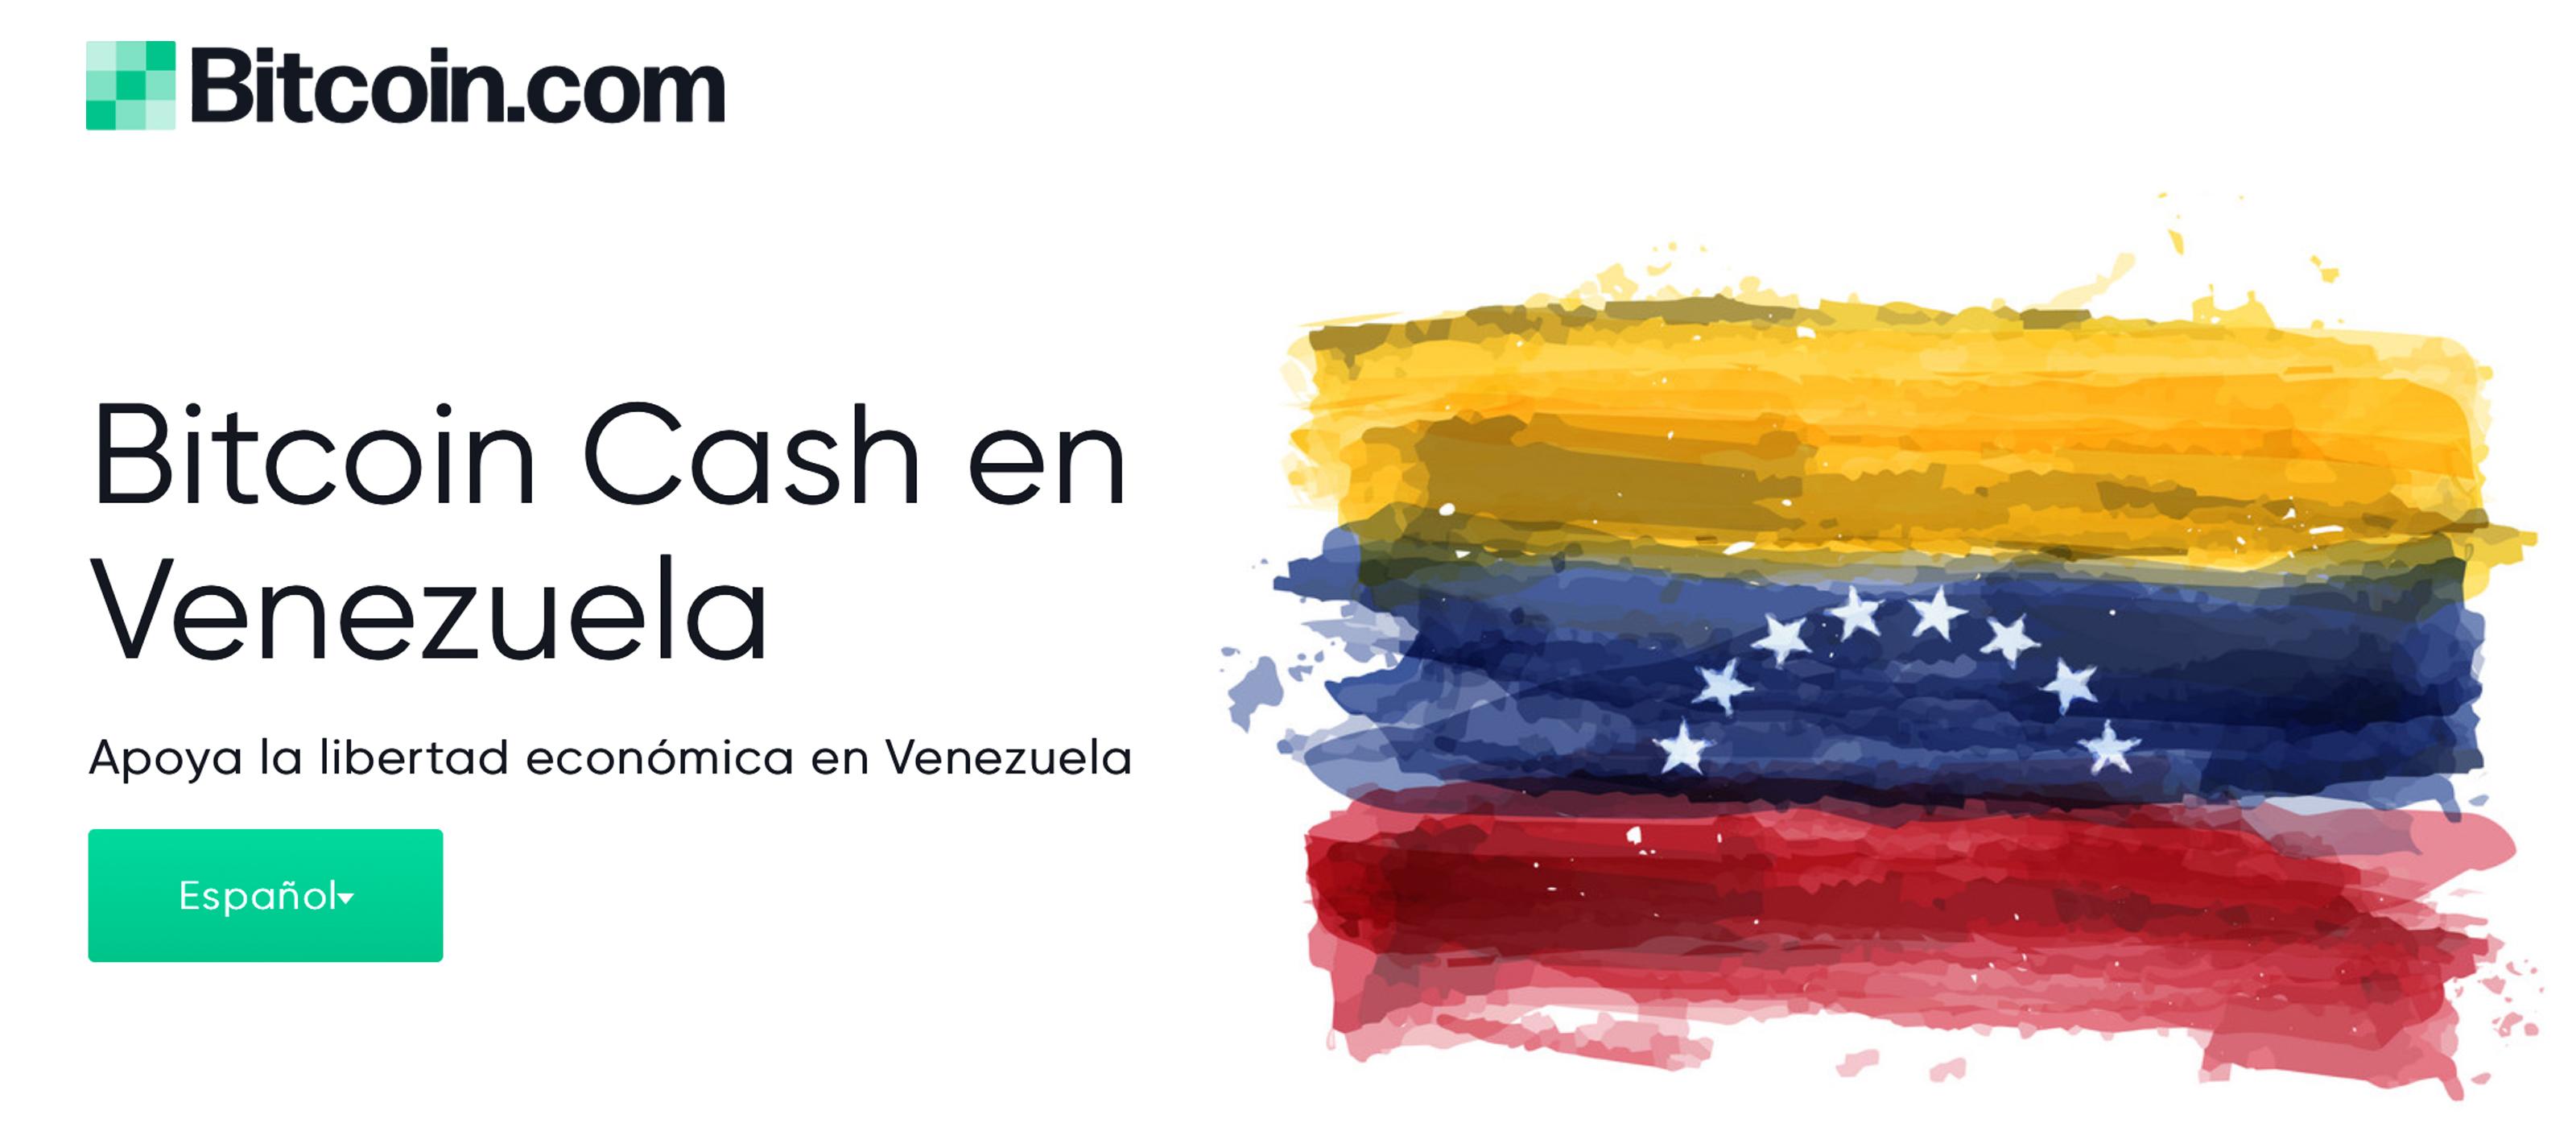 """Venezuela se convierte en 'Dolarizada' como Refugio de Búsqueda Ciudadana en Soluciones alternativas """"width ="""" 3200 """"height ="""" 1400 """"srcset ="""" https://blackswanfinances.com/wp-content/uploads/2019/11/untven.jpg 3200w, https: //news.bitcoin. com / wp-content / uploads / 2019/11 / untven-300x131.jpg 300w, https://news.bitcoin.com/wp-content/uploads/2019/11/untven-768x336.jpg 768w, https: // news.bitcoin.com/wp-content/uploads/2019/11/untven-1024x448.jpg 1024w, https://news.bitcoin.com/wp-content/uploads/2019/11/untven-696x305.jpg 696w, https://news.bitcoin.com/wp-content/uploads/2019/11/untven-1392x609.jpg 1392w, https://news.bitcoin.com/wp-content/uploads/2019/11/untven-1068x467 .jpg 1068w, https://news.bitcoin.com/wp-content/uploads/2019/11/untven-960x420.jpg 960w """"tamaños ="""" (ancho máximo: 3200px) 100vw, 3200px"""